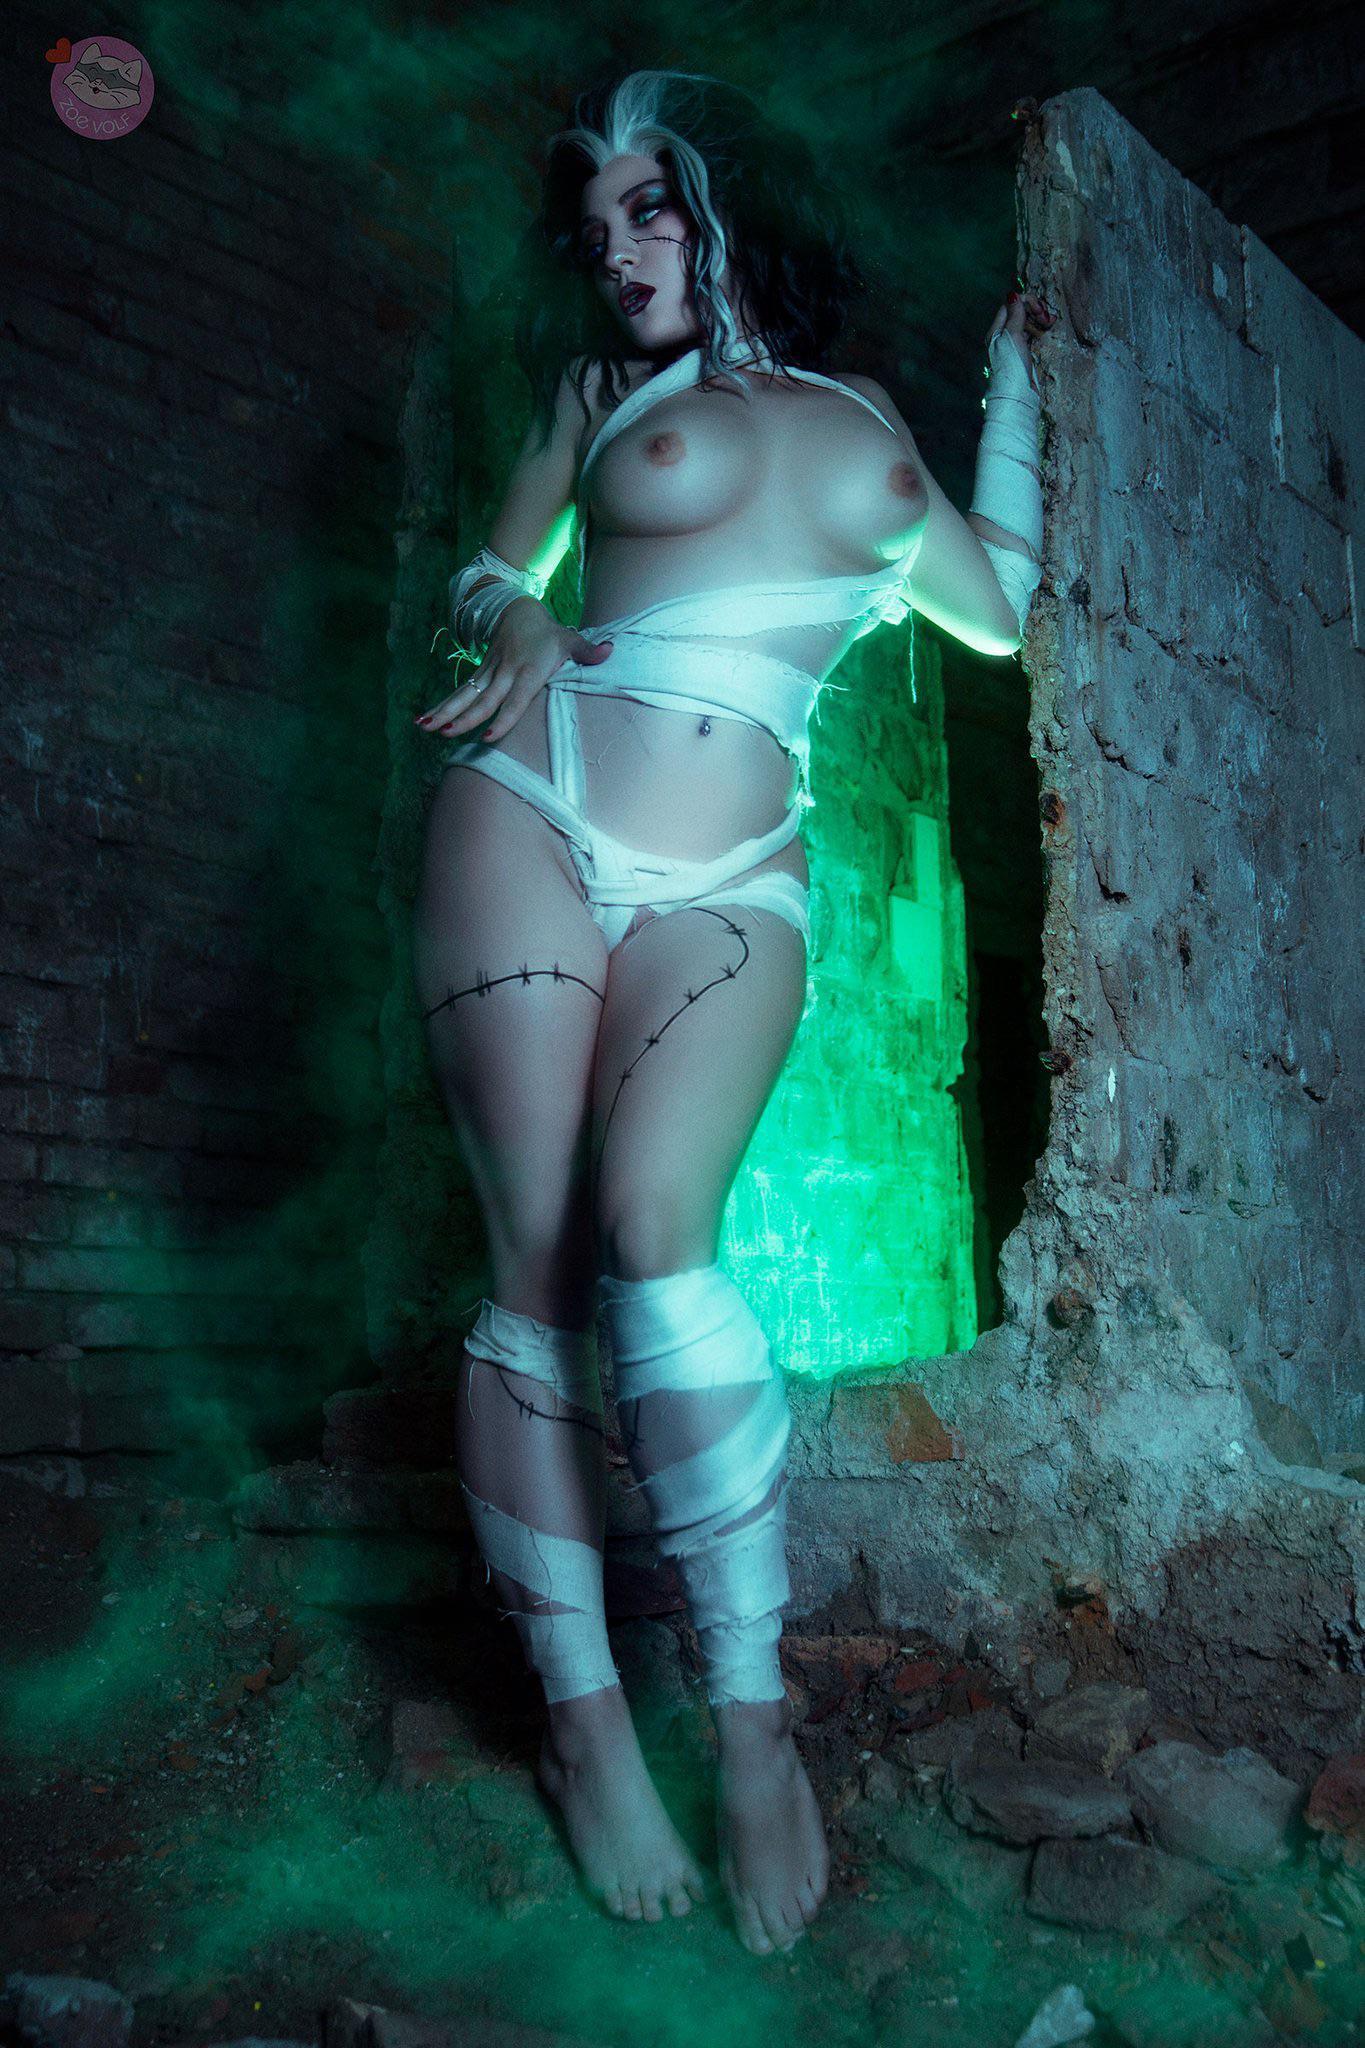 Bride Of Frankenstein By Zoe Volf